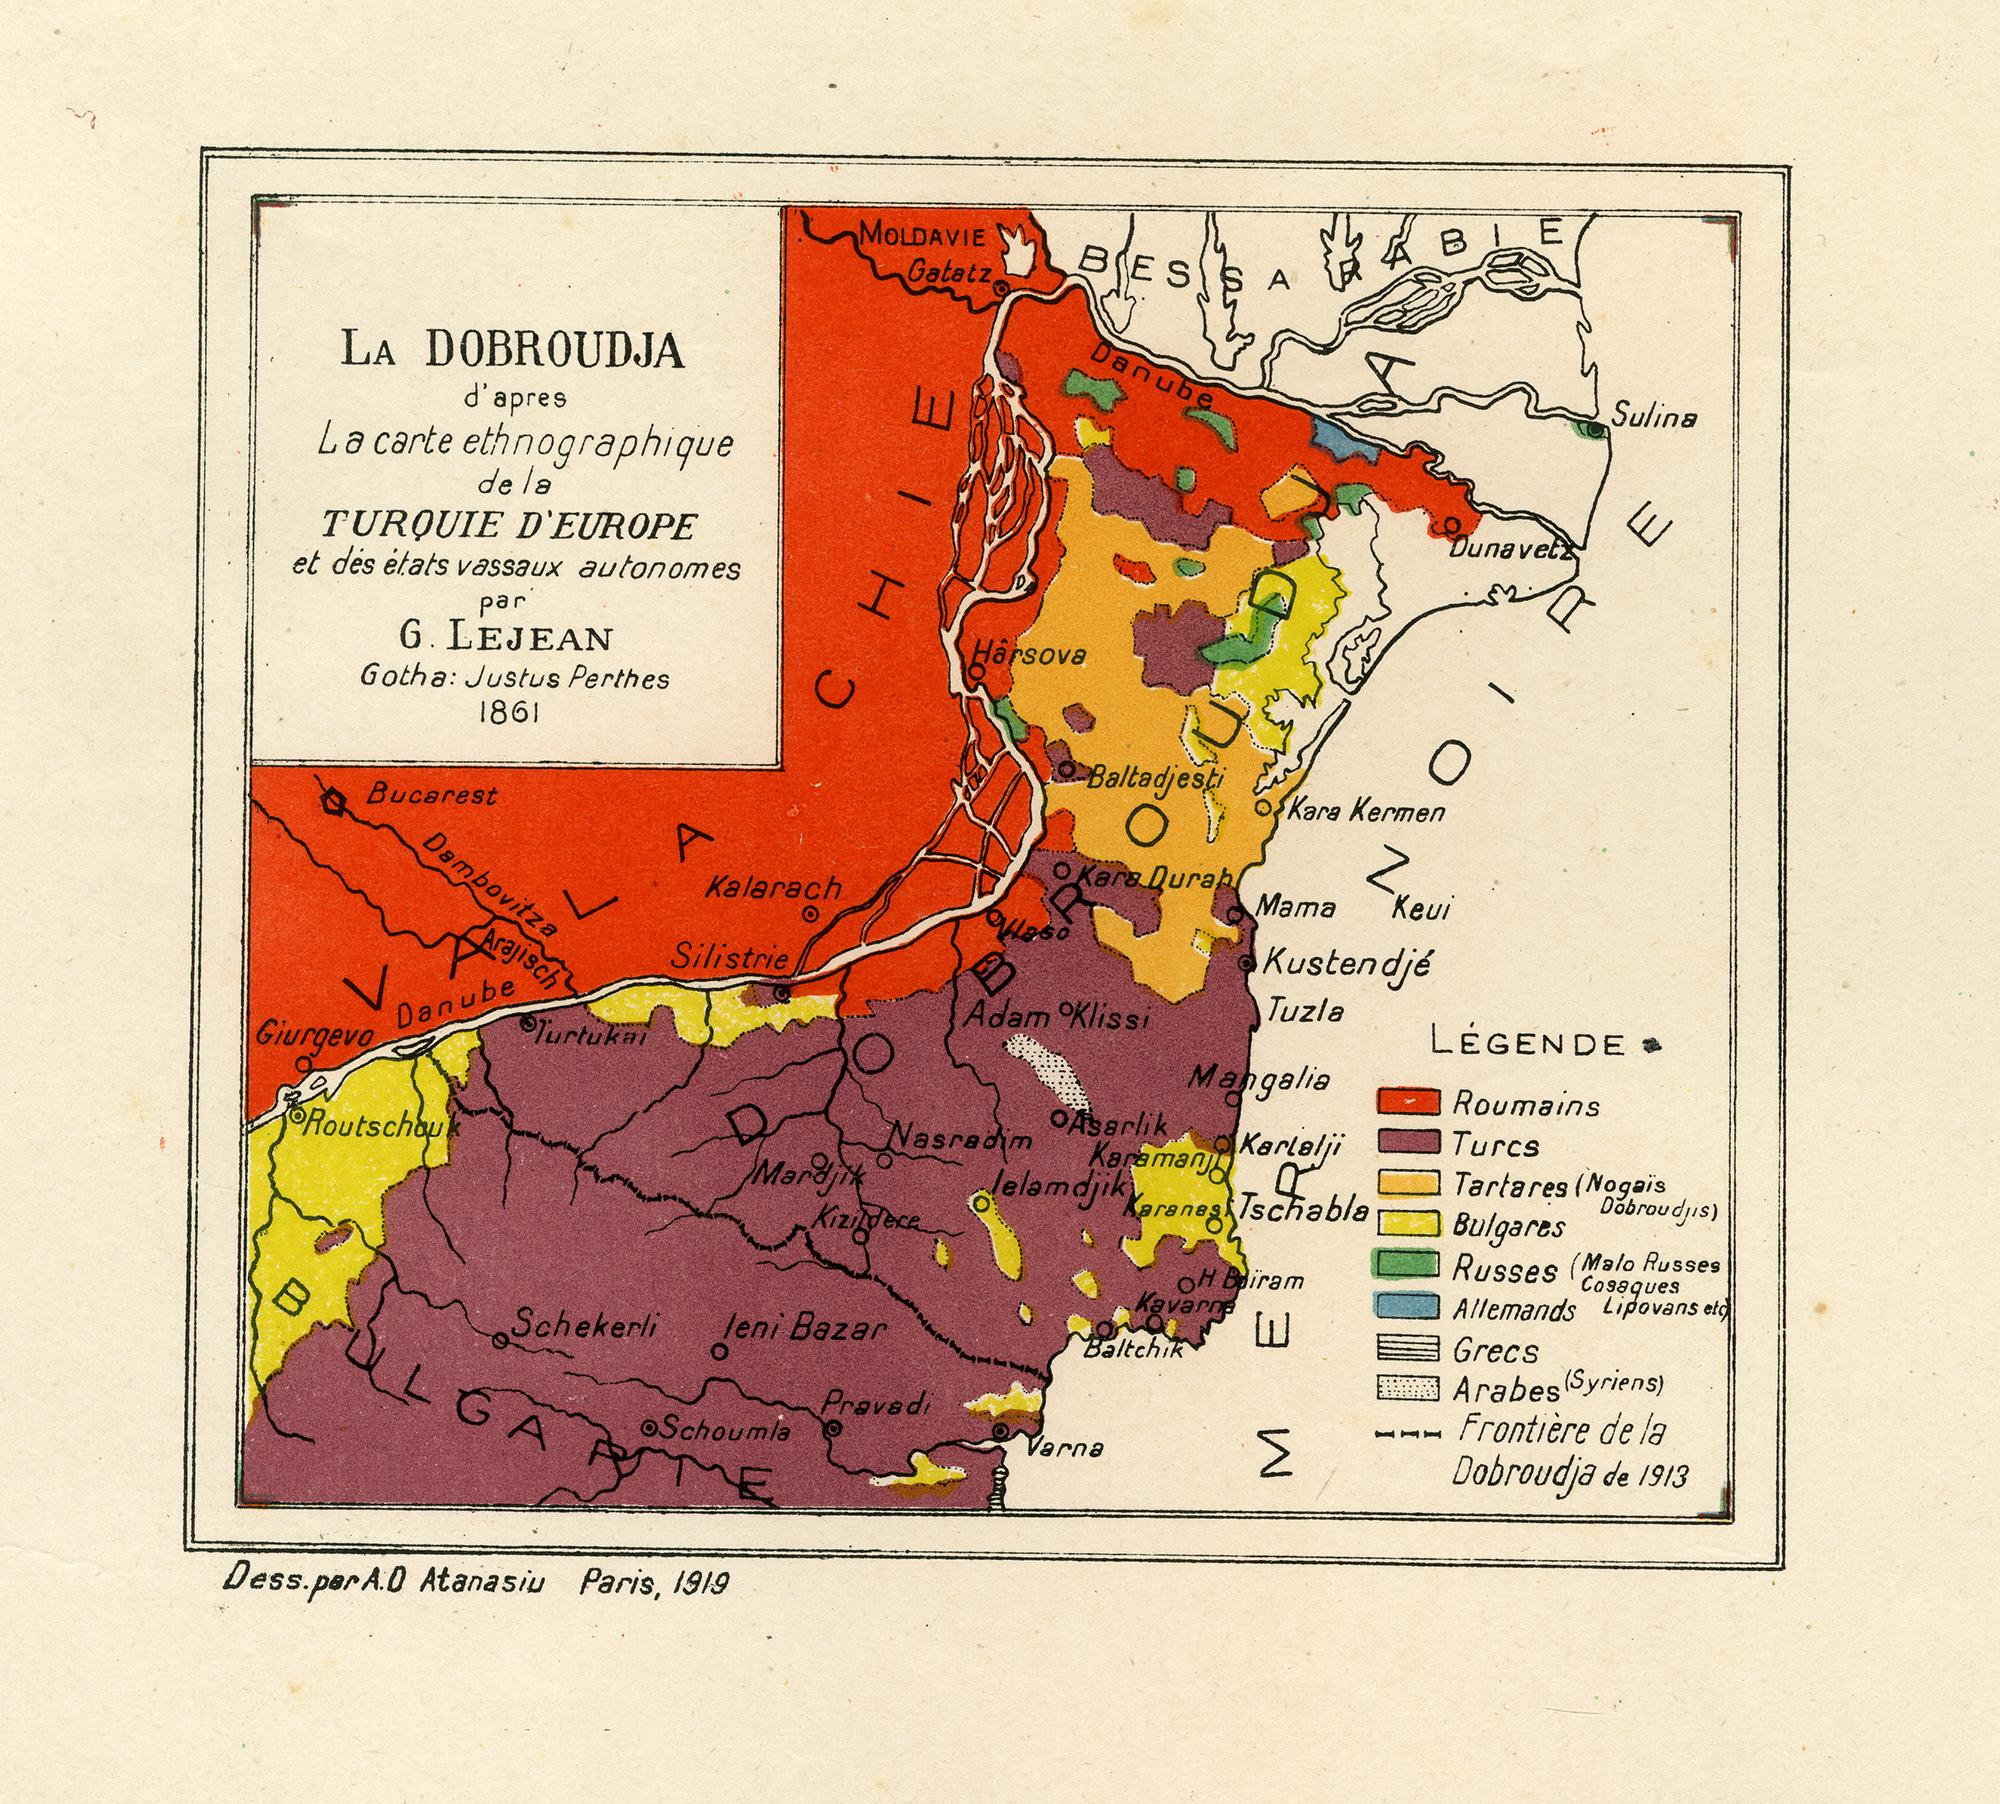 Hartă - La Dobroudja d'apres la carte ethnographique de la Turquie d'Europe et des états vassaux autonomes par G. Lejean Gotha Justus Perthes 1861